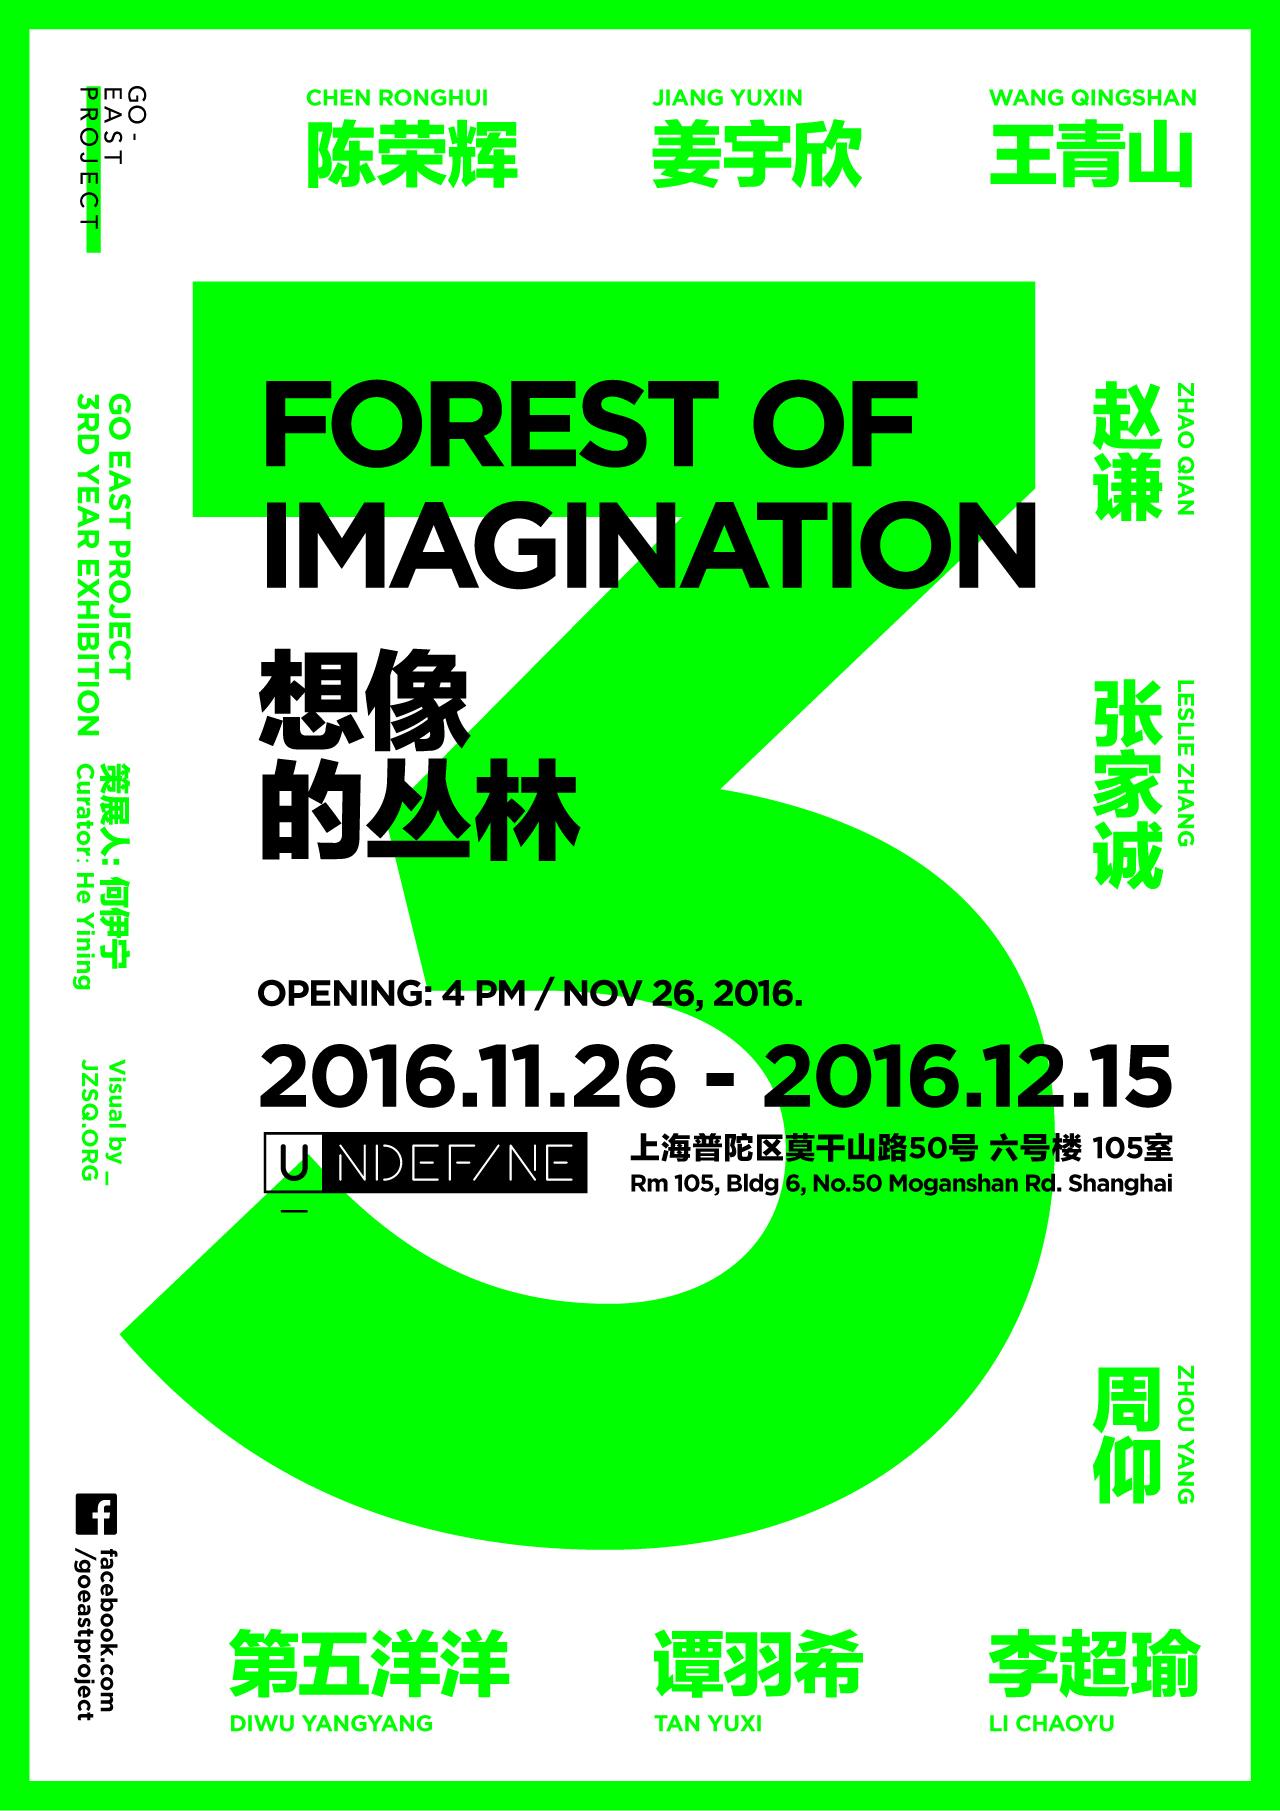 forest-of-imagination_web.jpg#asset:2803